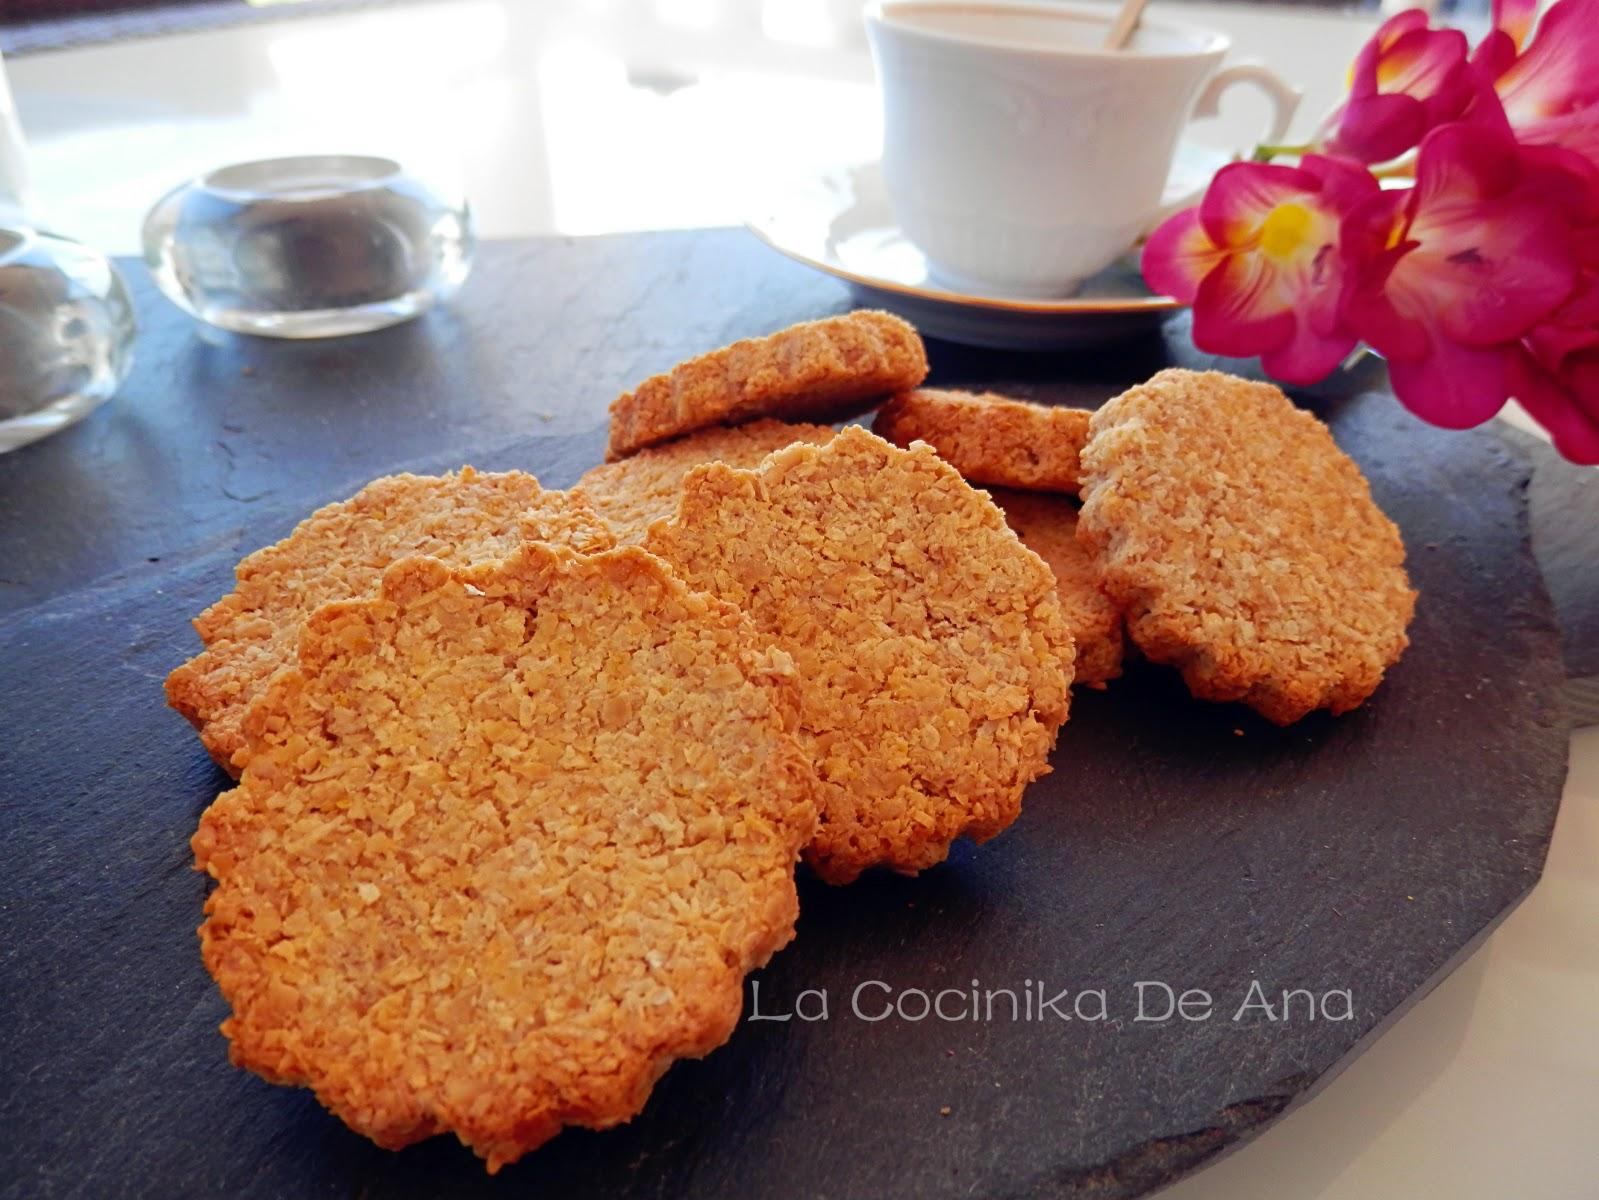 La Cocinika De Ana Galletas De Avena Y Coco Sin Azúcar Ni Harina